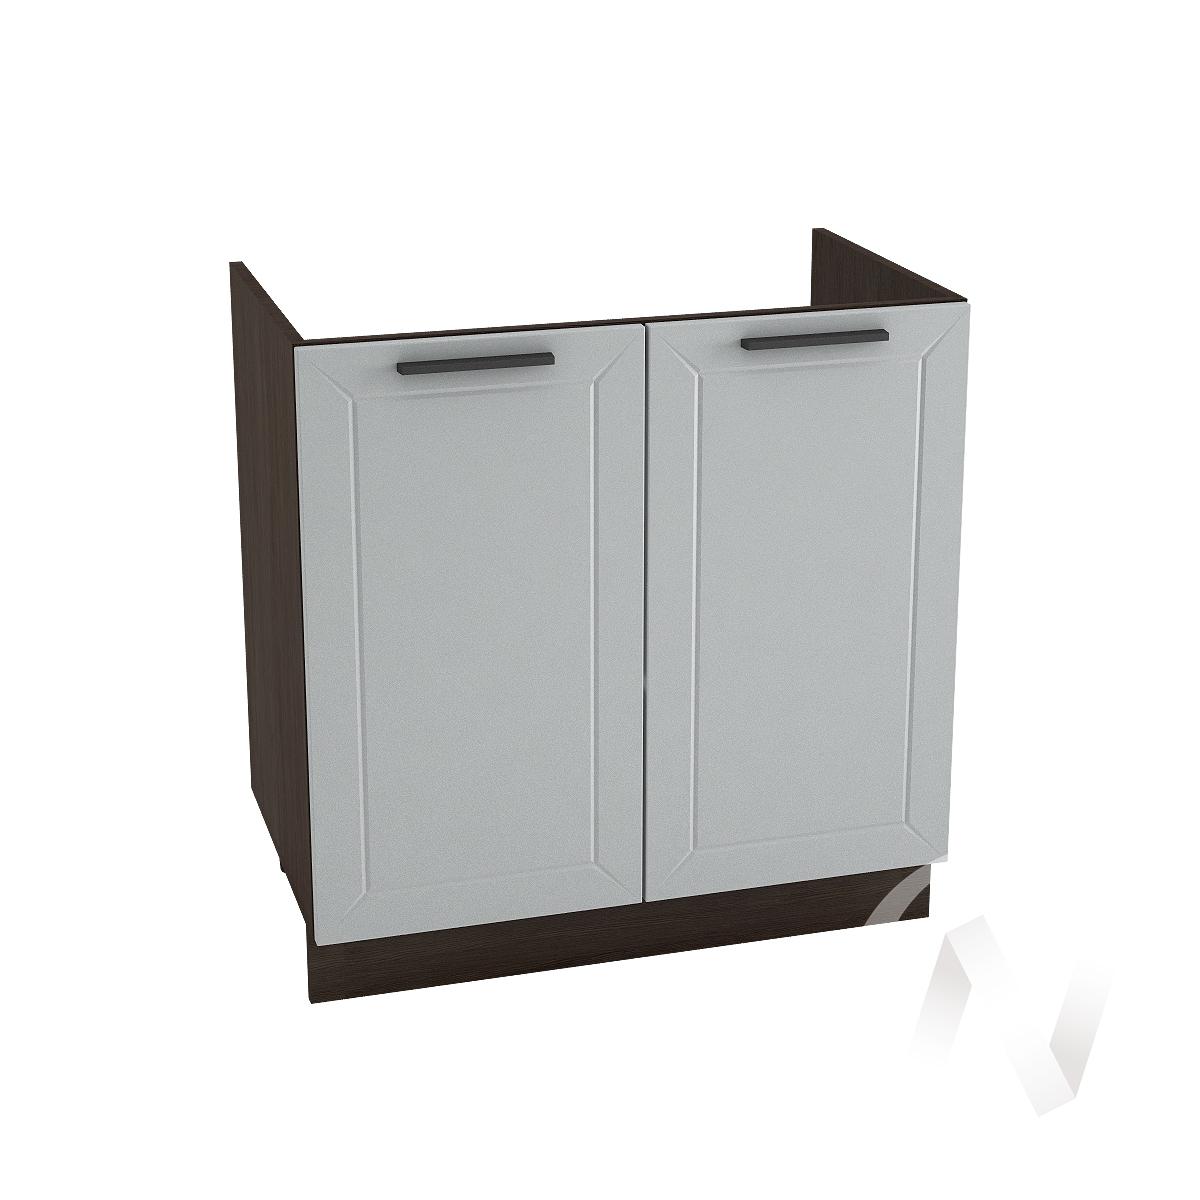 """Кухня """"Глетчер"""": Шкаф нижний под мойку 800, ШНМ 800 (Гейнсборо Силк/корпус венге)"""